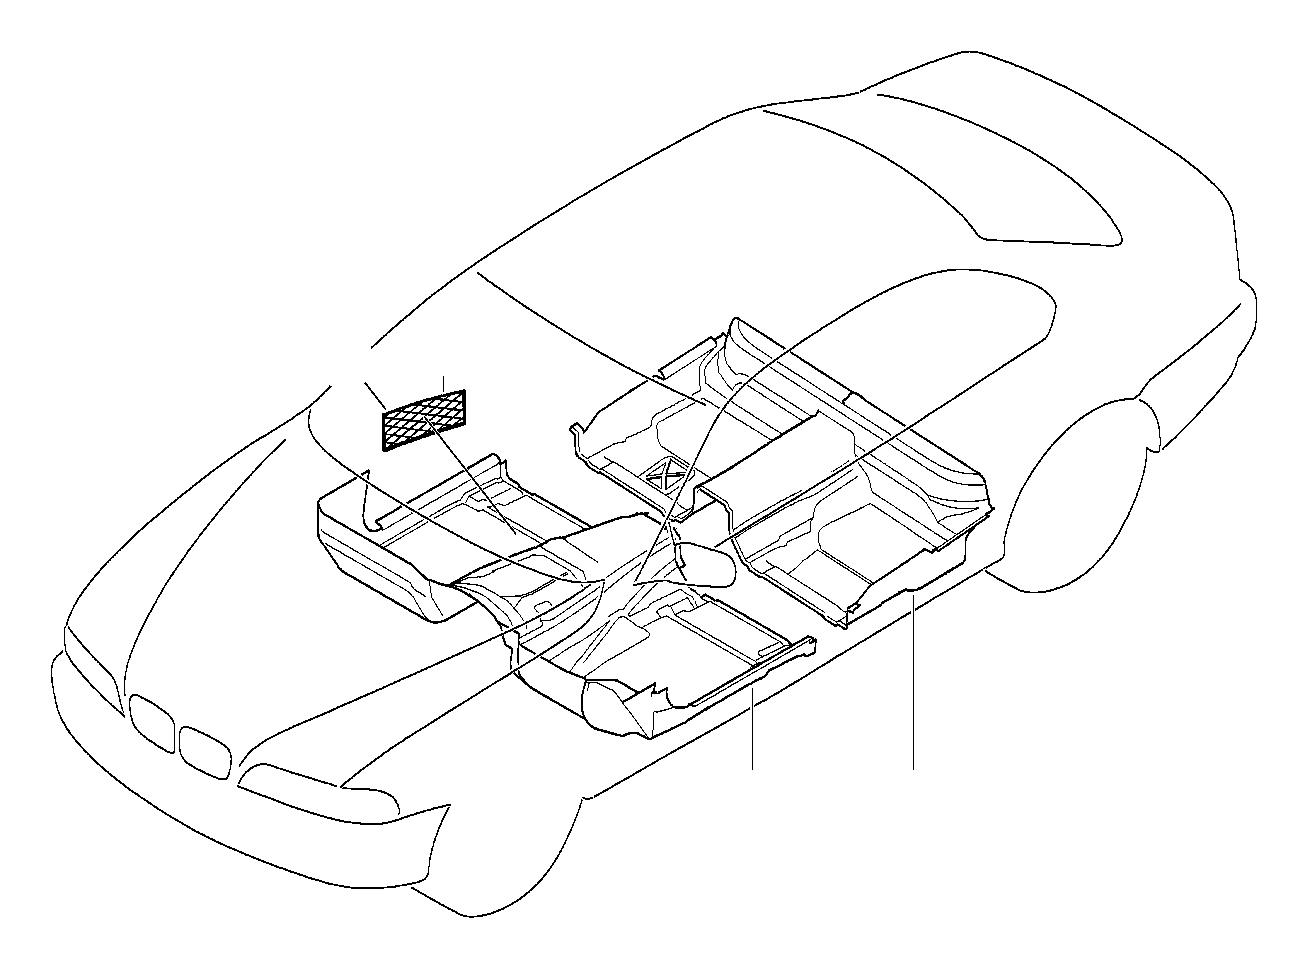 Bmw 528i Floor Covering Rear Grau Trim Body Interior